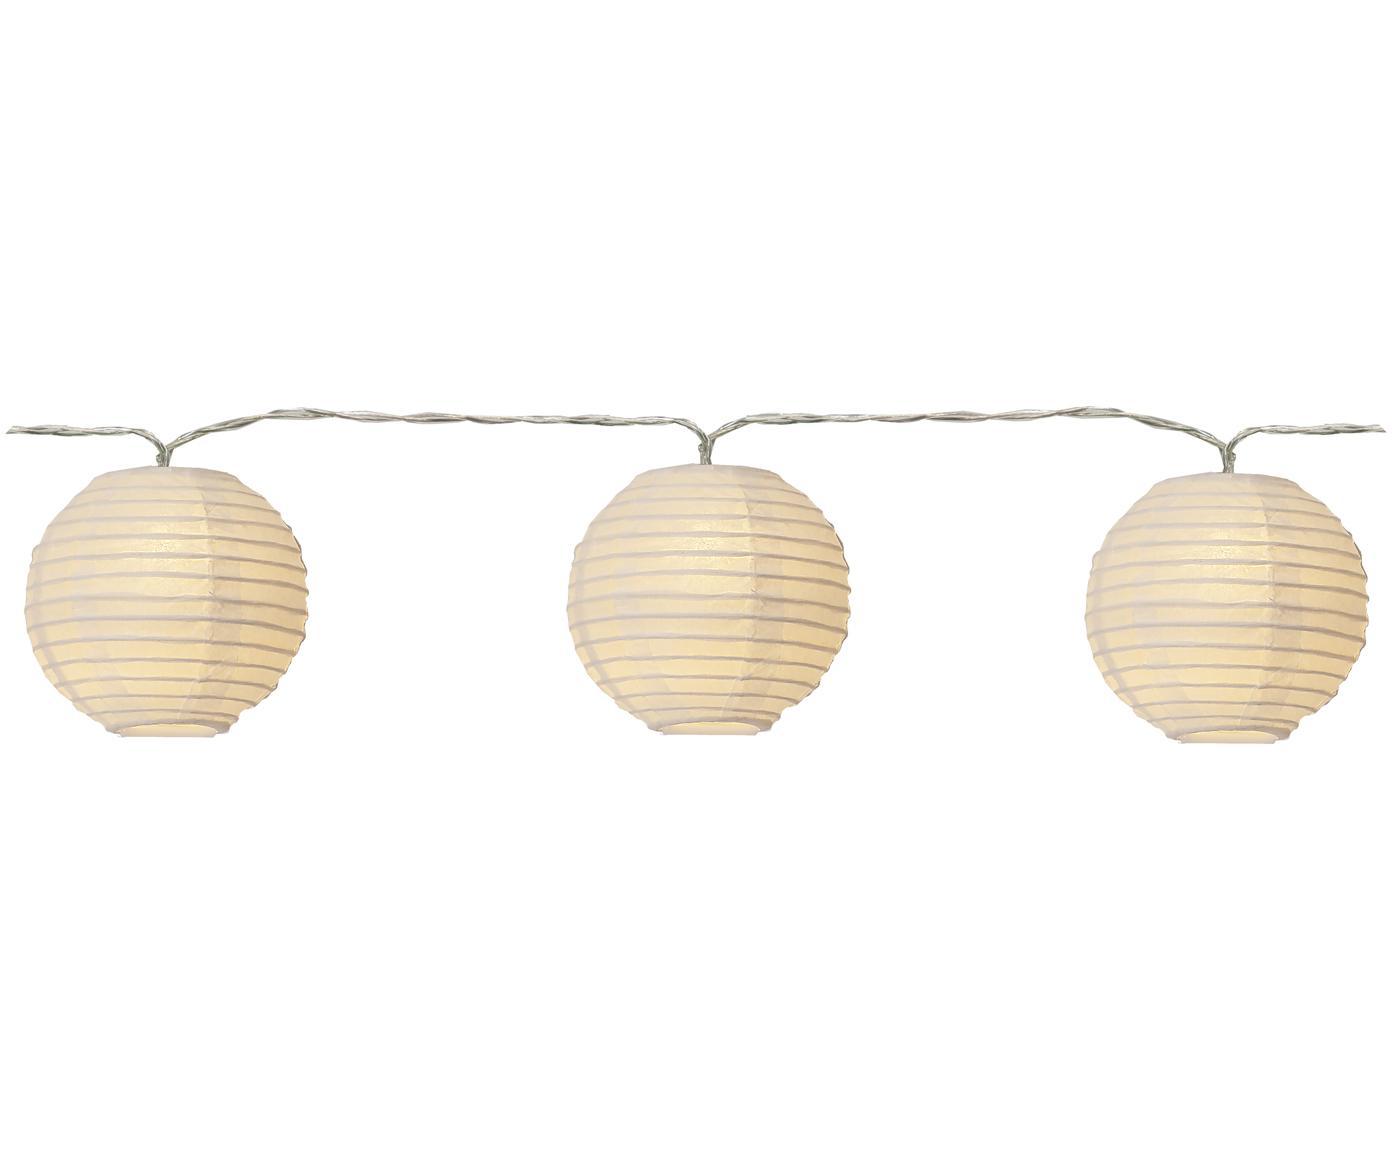 Ghirlanda  a LED Festival, 300 cm, Lanterne: carta, Bianco, Lung. 300 cm